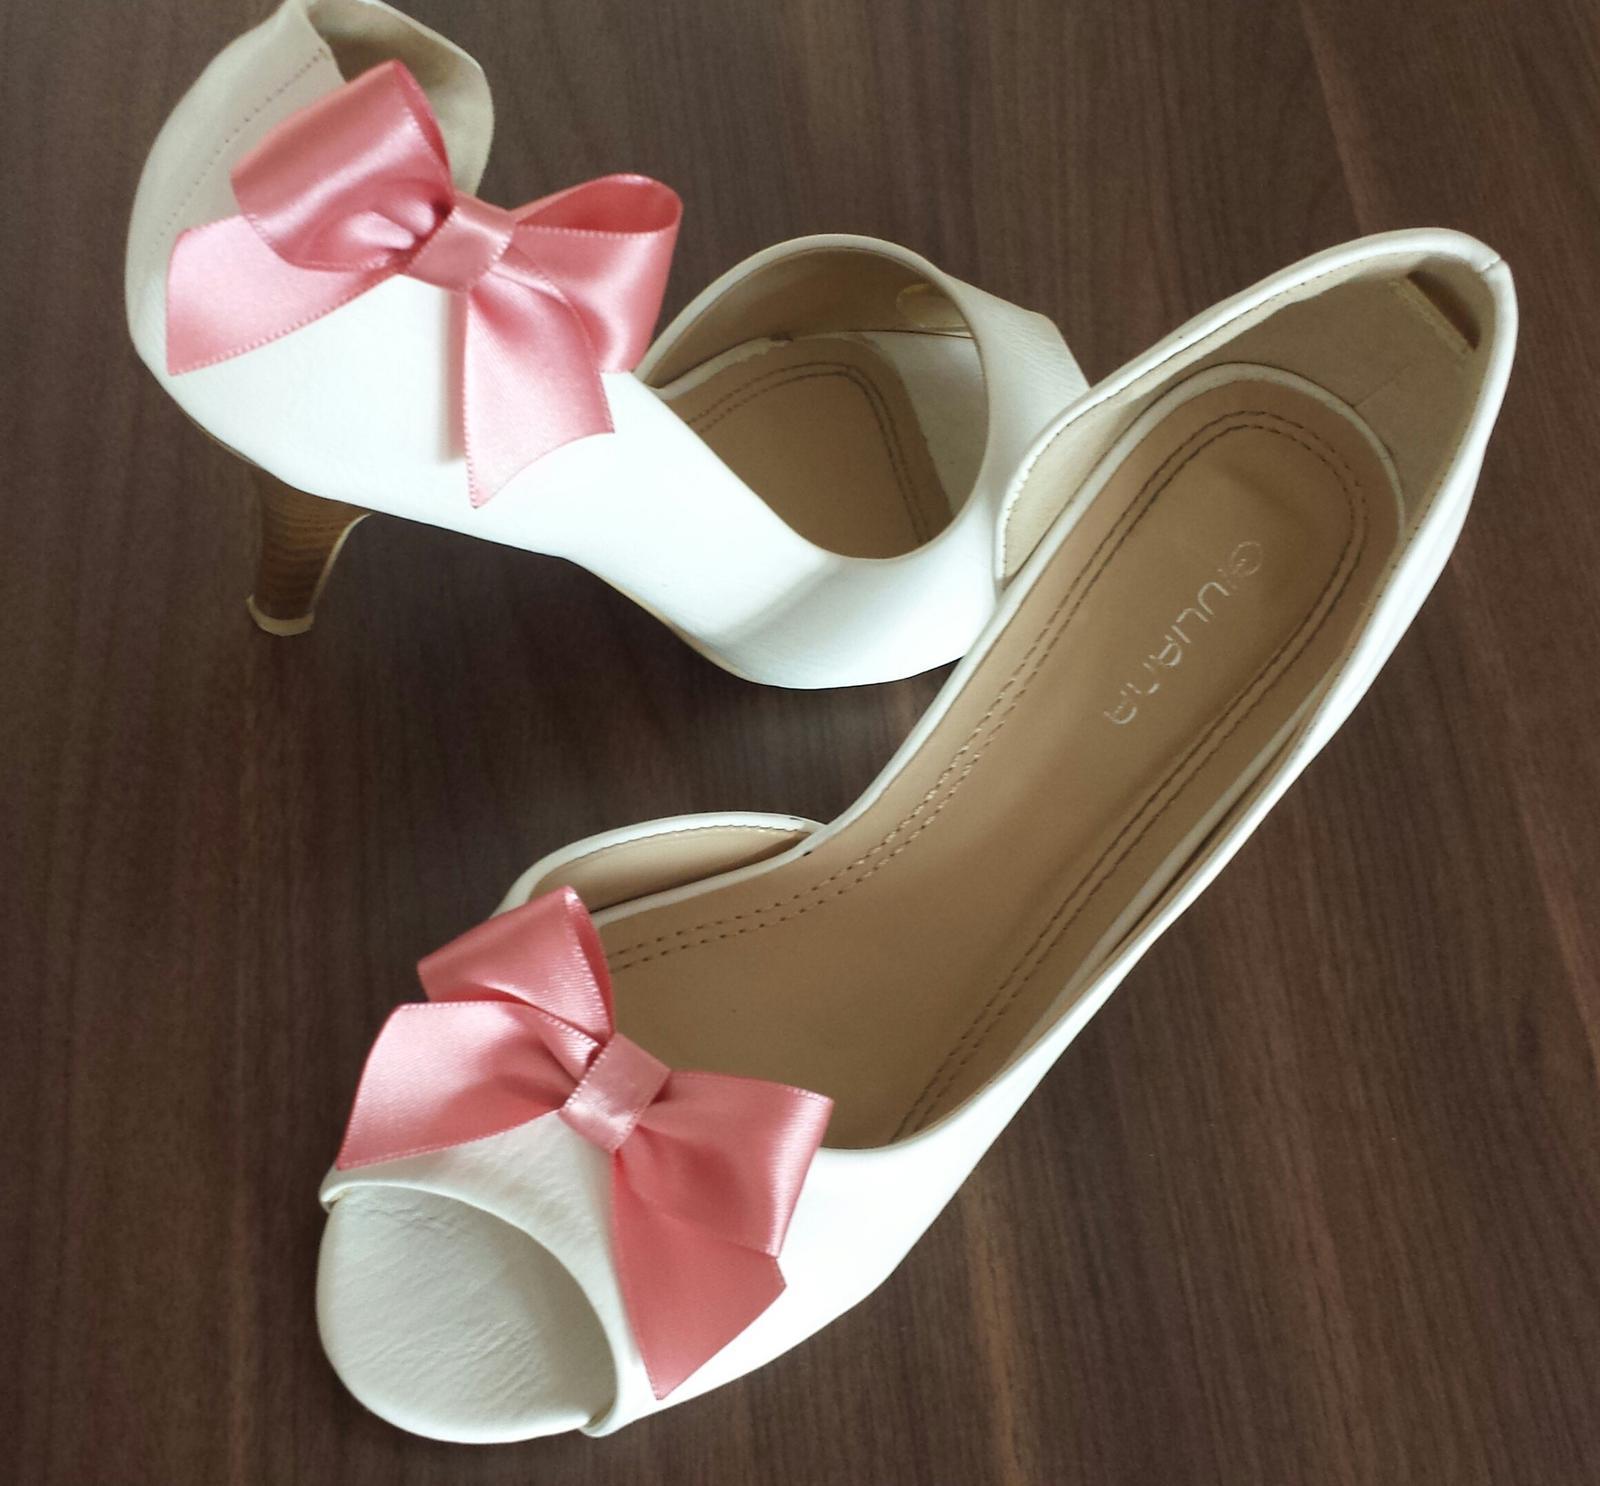 Klipy na boty barva a tvar dle přání - Obrázek č. 26